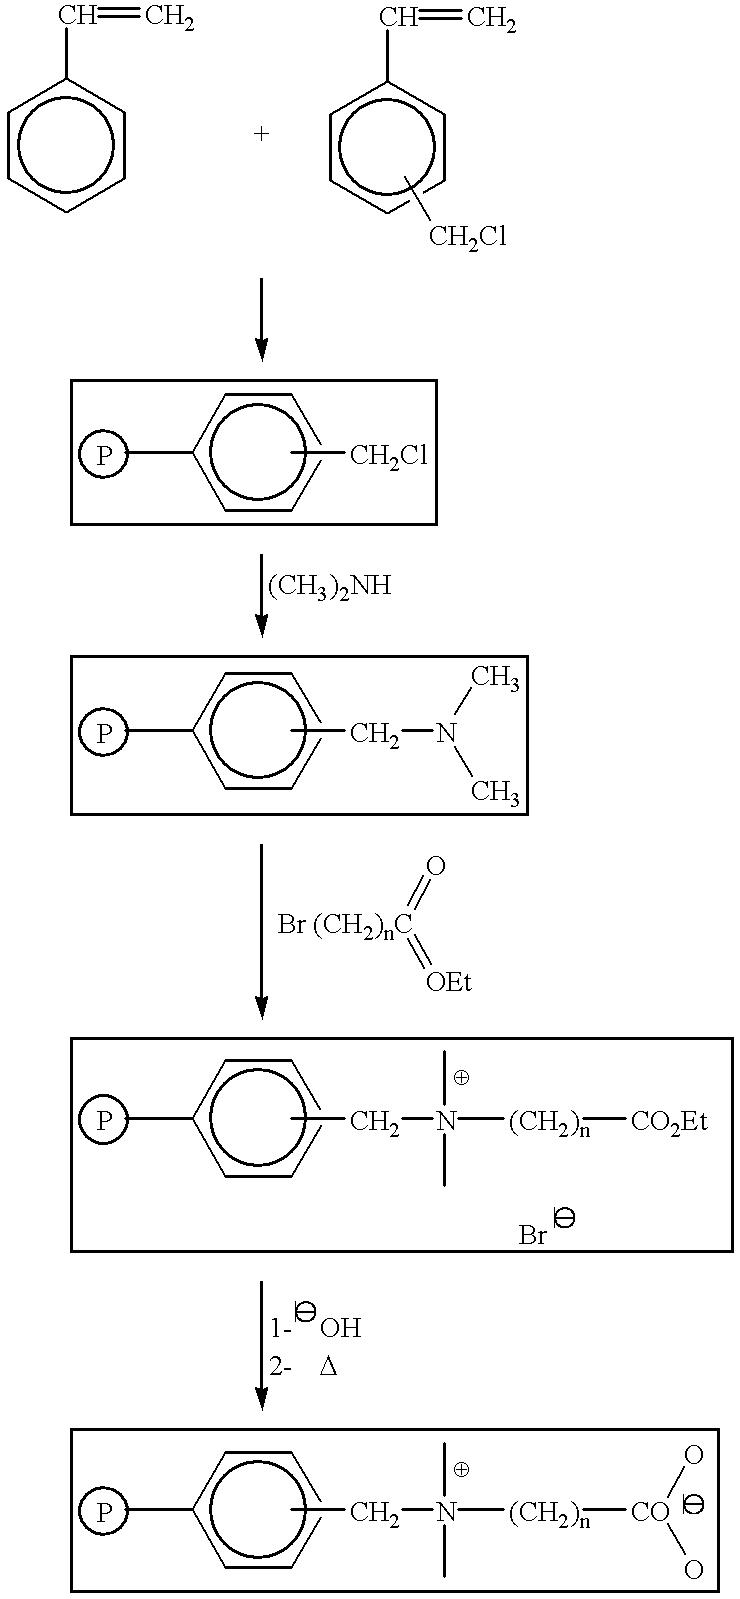 Figure US06203451-20010320-C00008